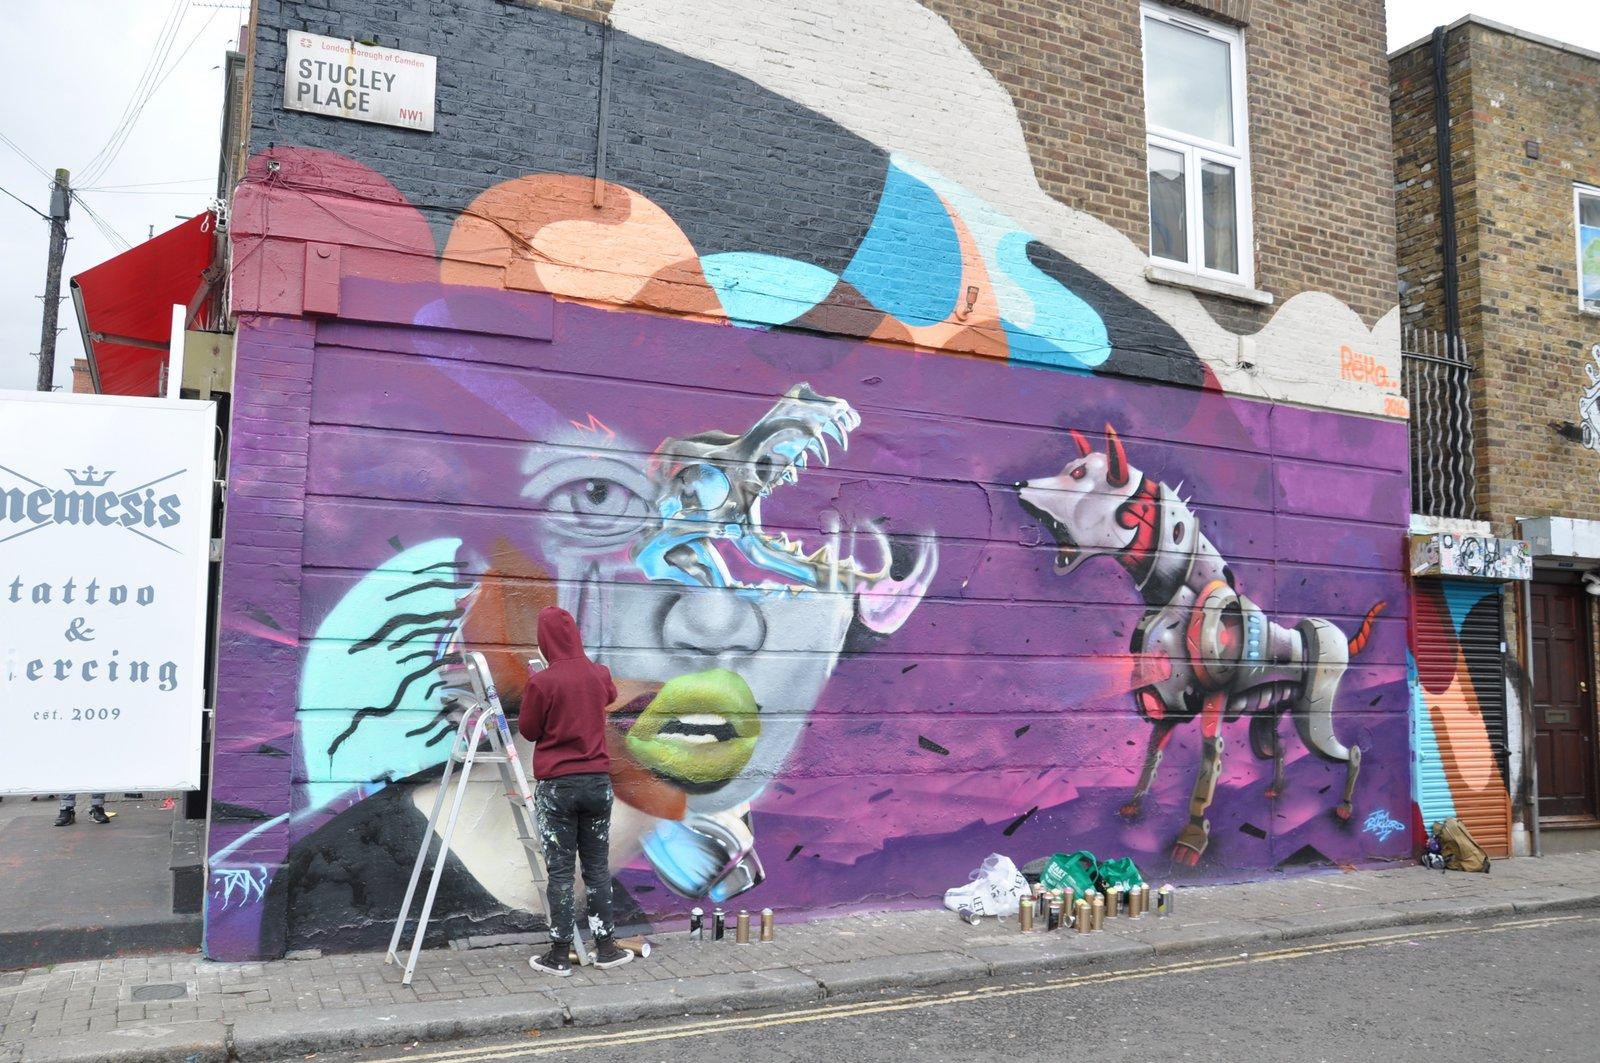 Un fresco de arte callejero pronto fue reemplazado por otro... aquí un artista en el trabajo